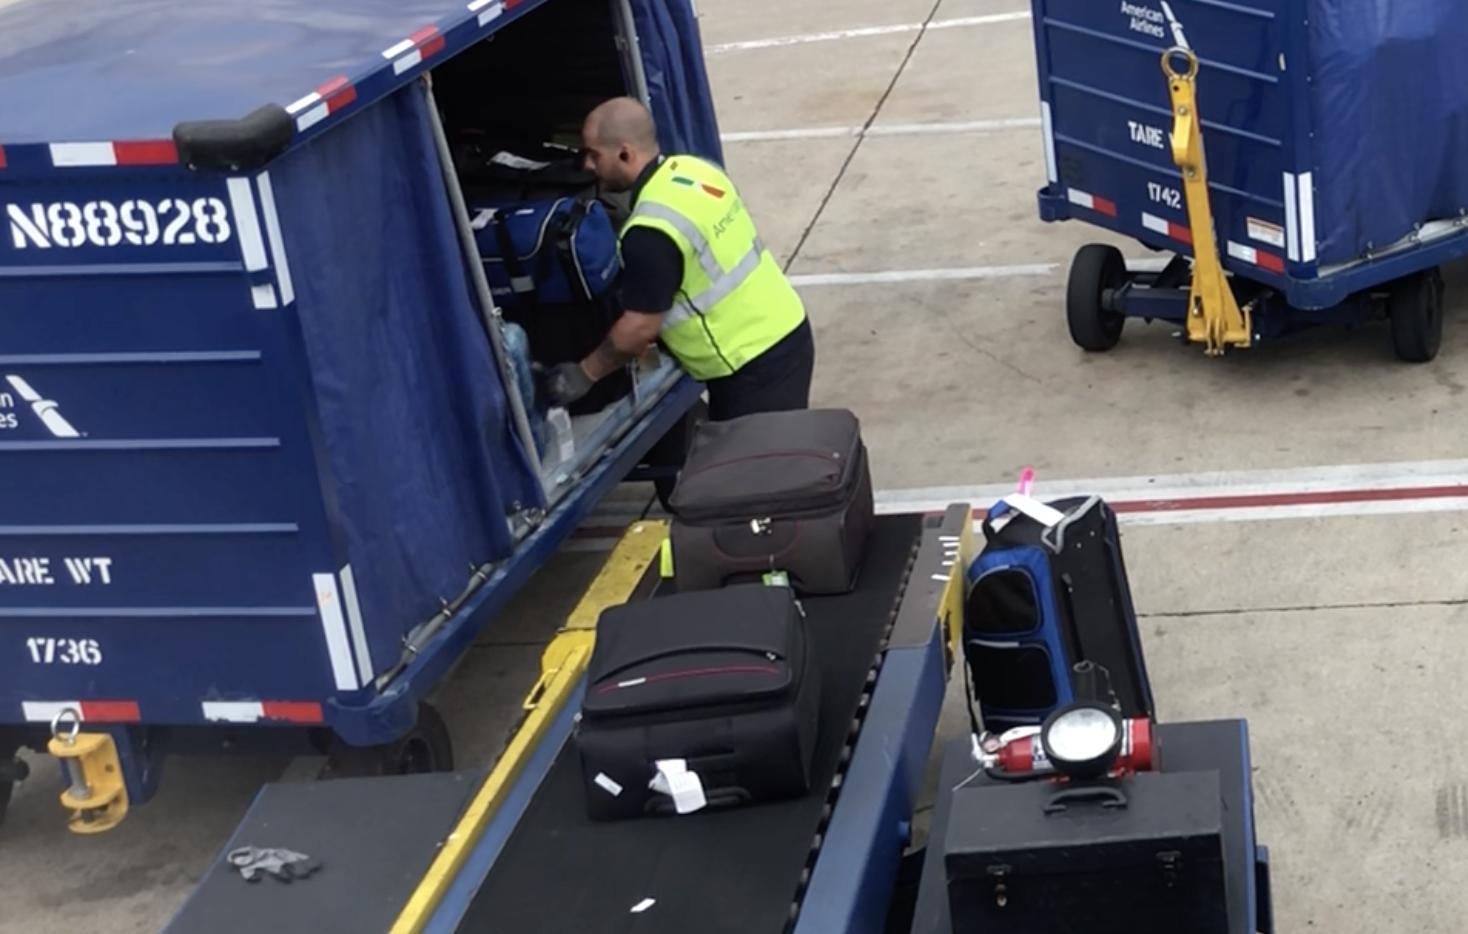 American Airlines Baggage Handler